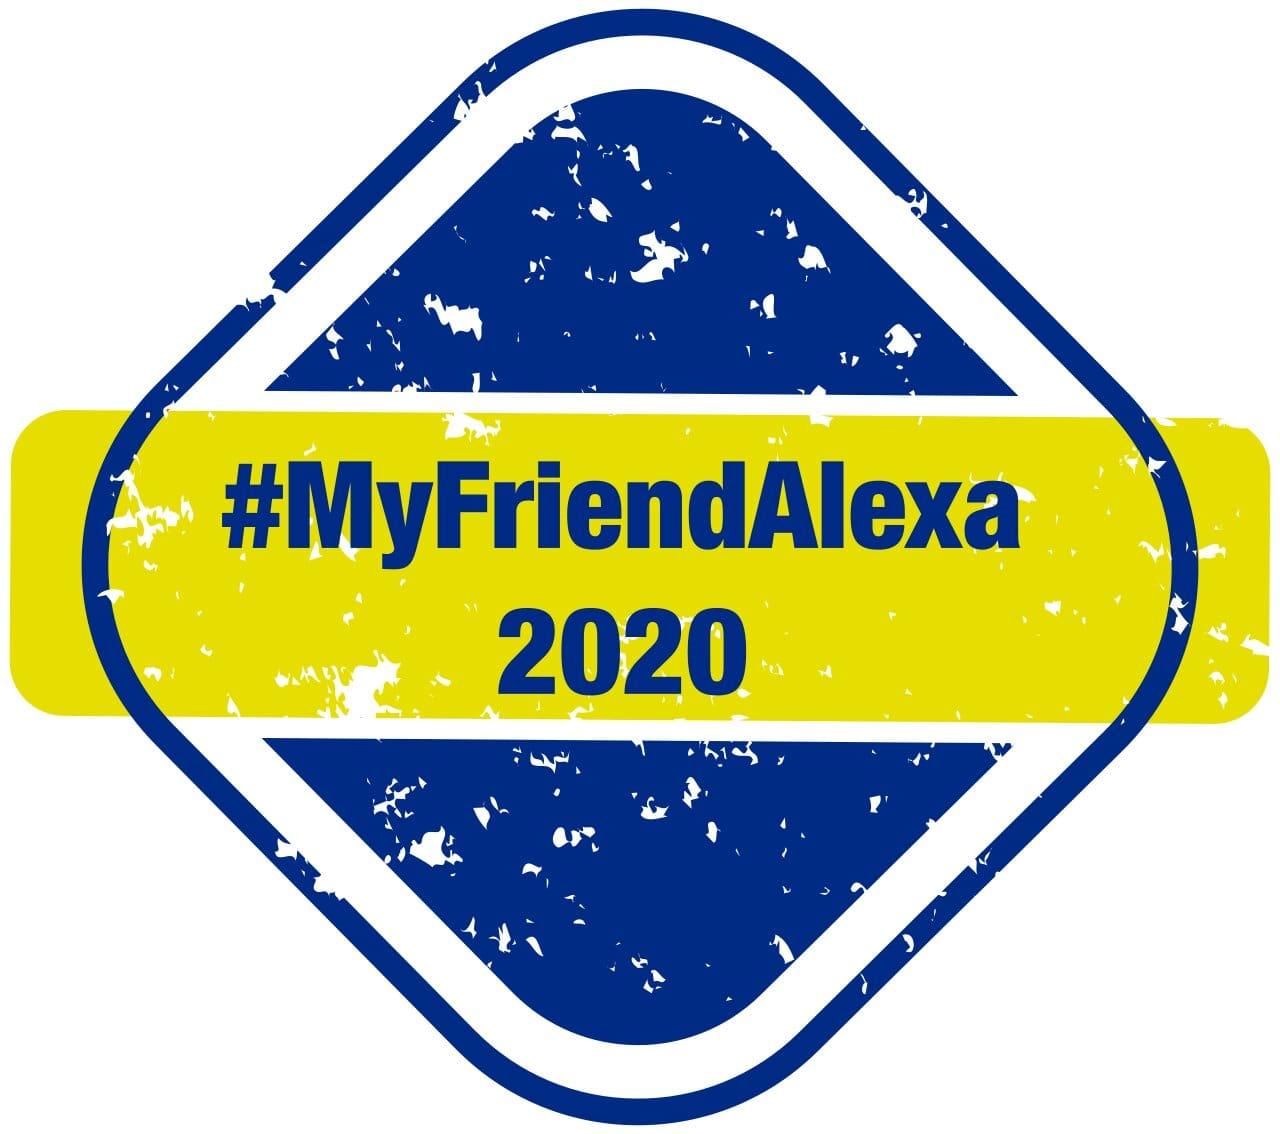 #MyFriendAlexa